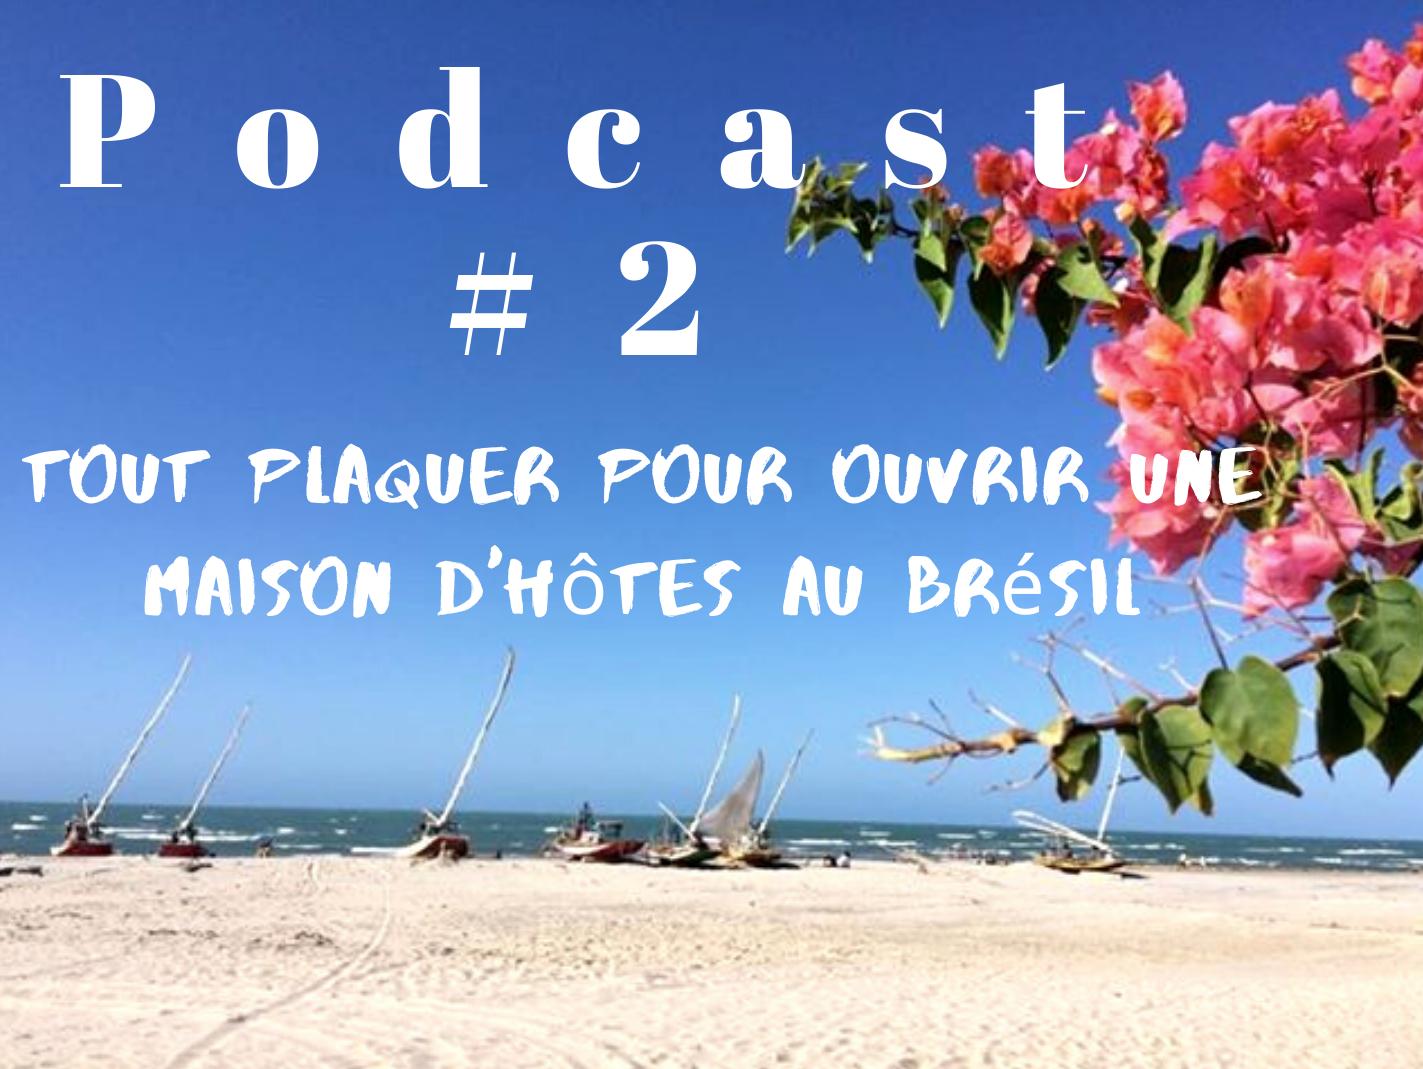 podcast voyage brésil hôtel maison d'hôtes - entreprenariat